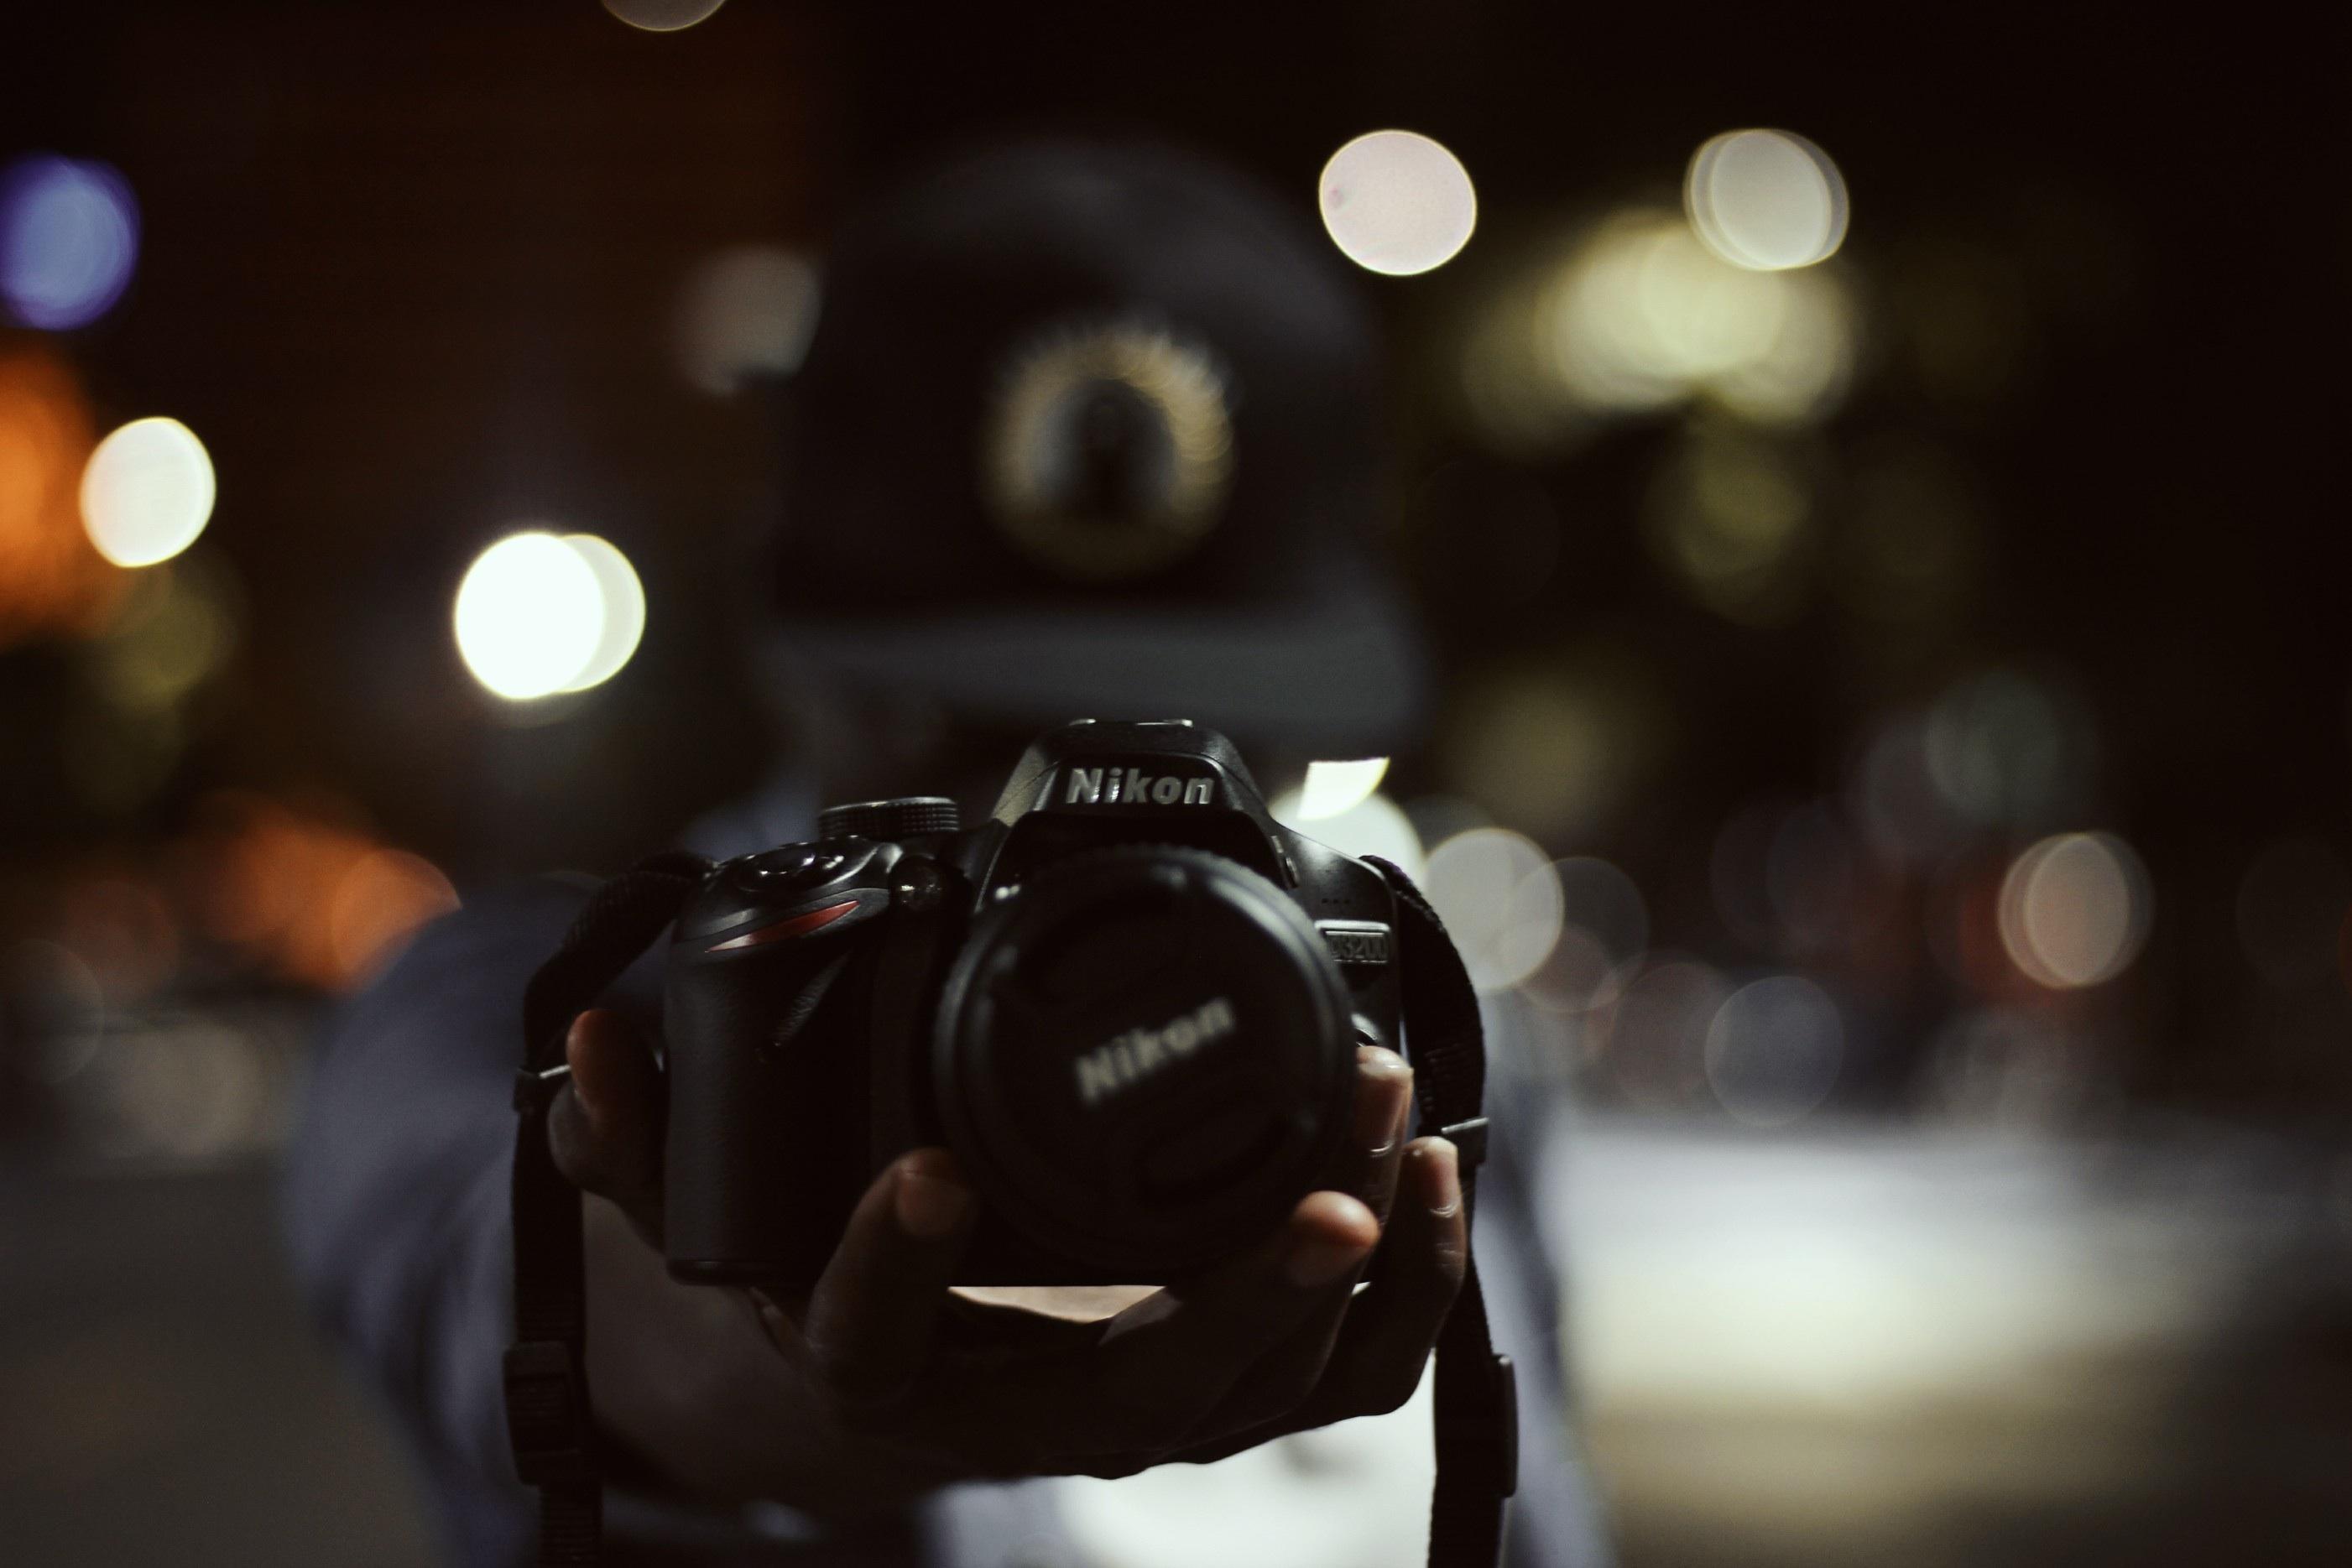 Как сделать расплывчатый фон на фотоаппарате никон